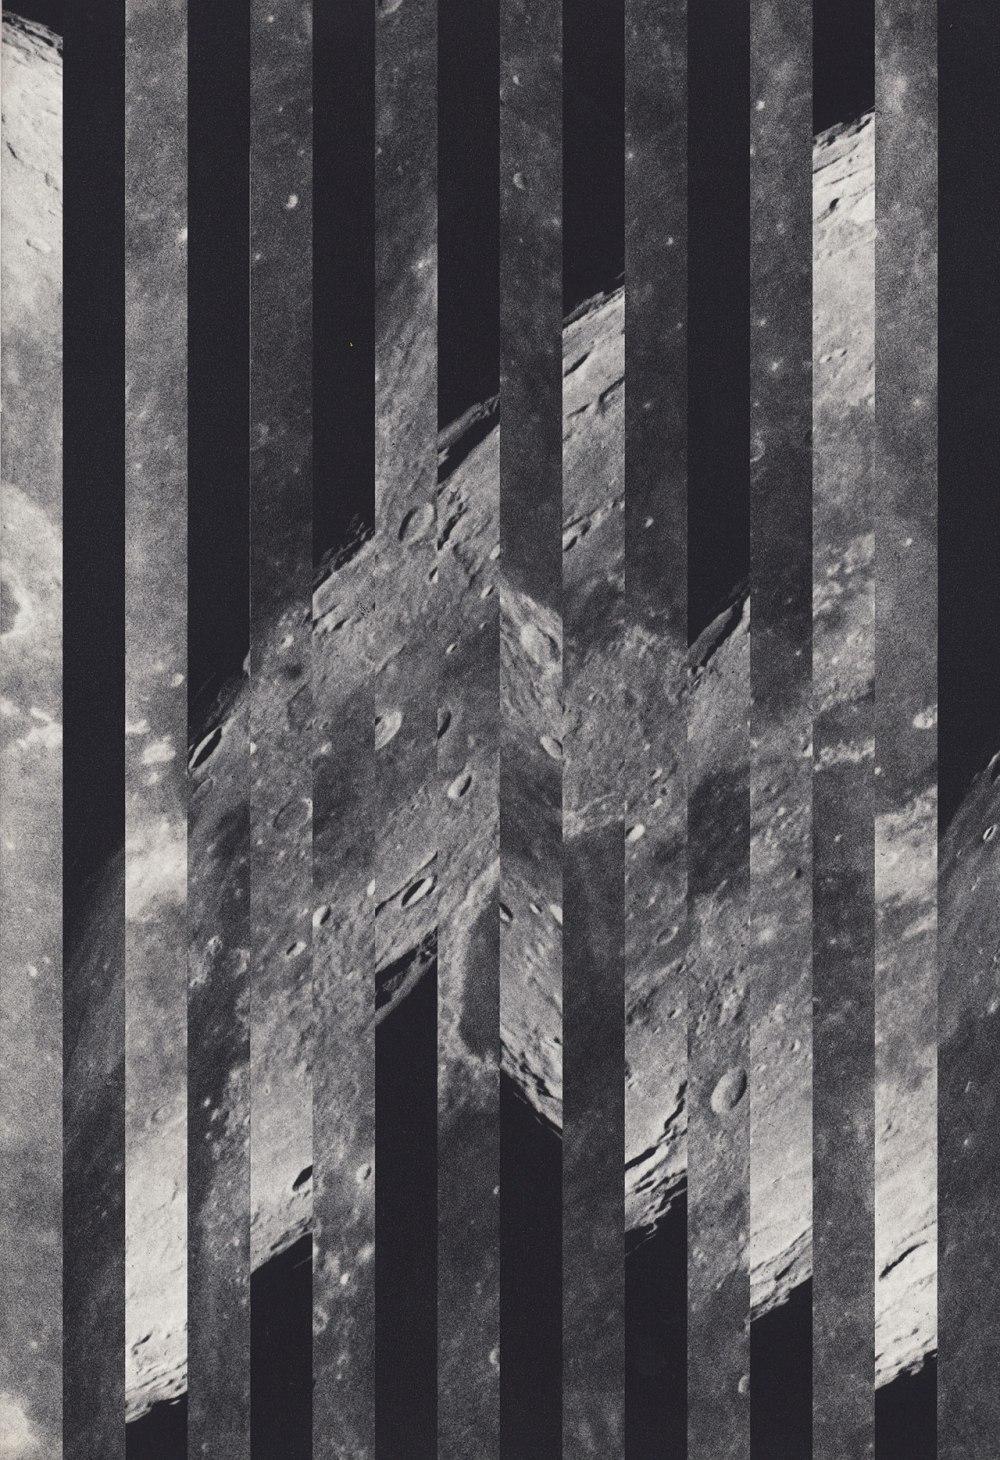 f7_luis_dourado_moons_paralysis4_yatzer